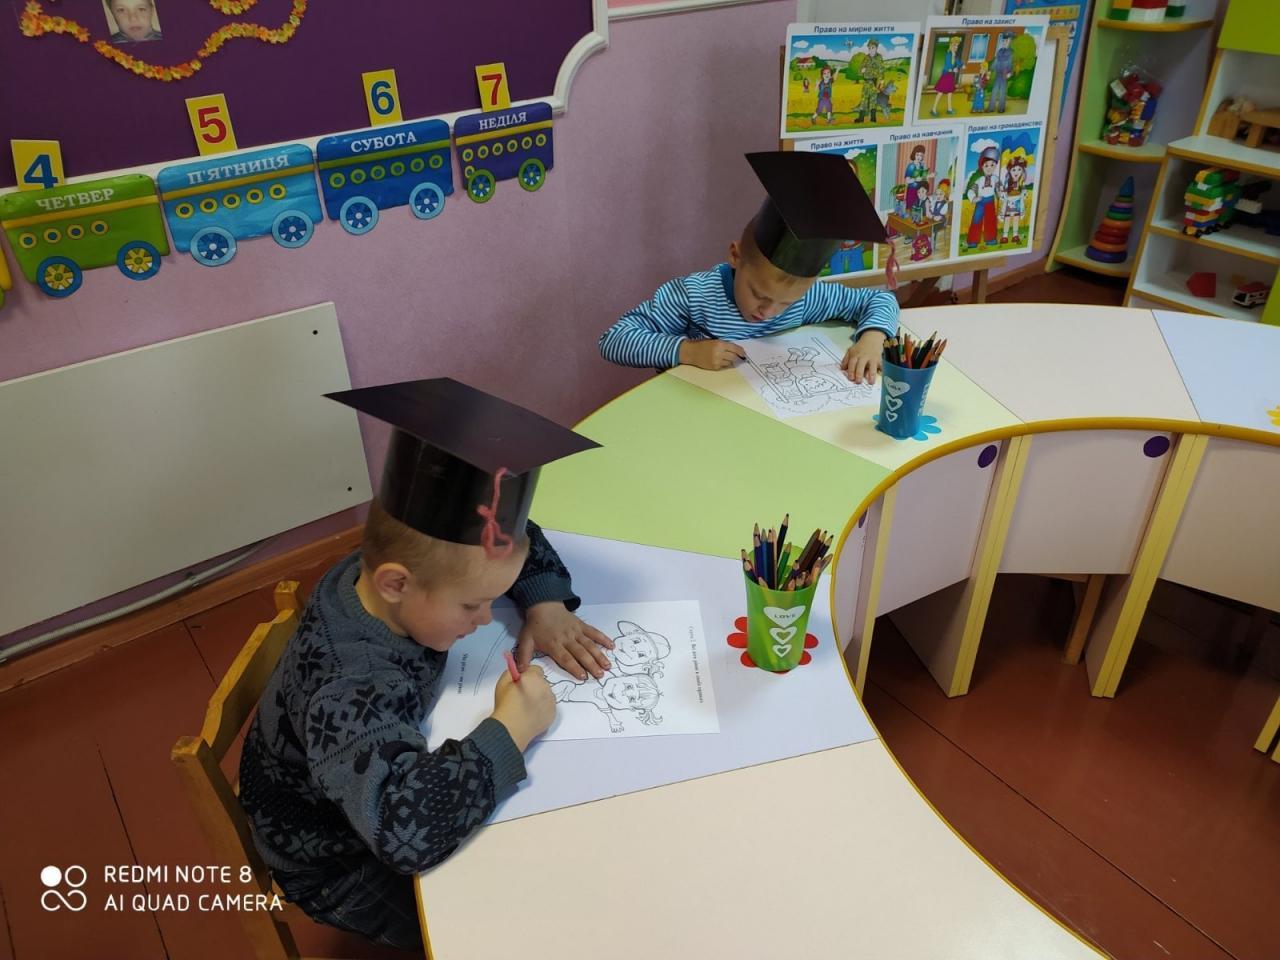 http://dunrada.gov.ua/uploadfile/archive_news/2020/11/20/2020-11-20_2977/images/images-2738.jpg